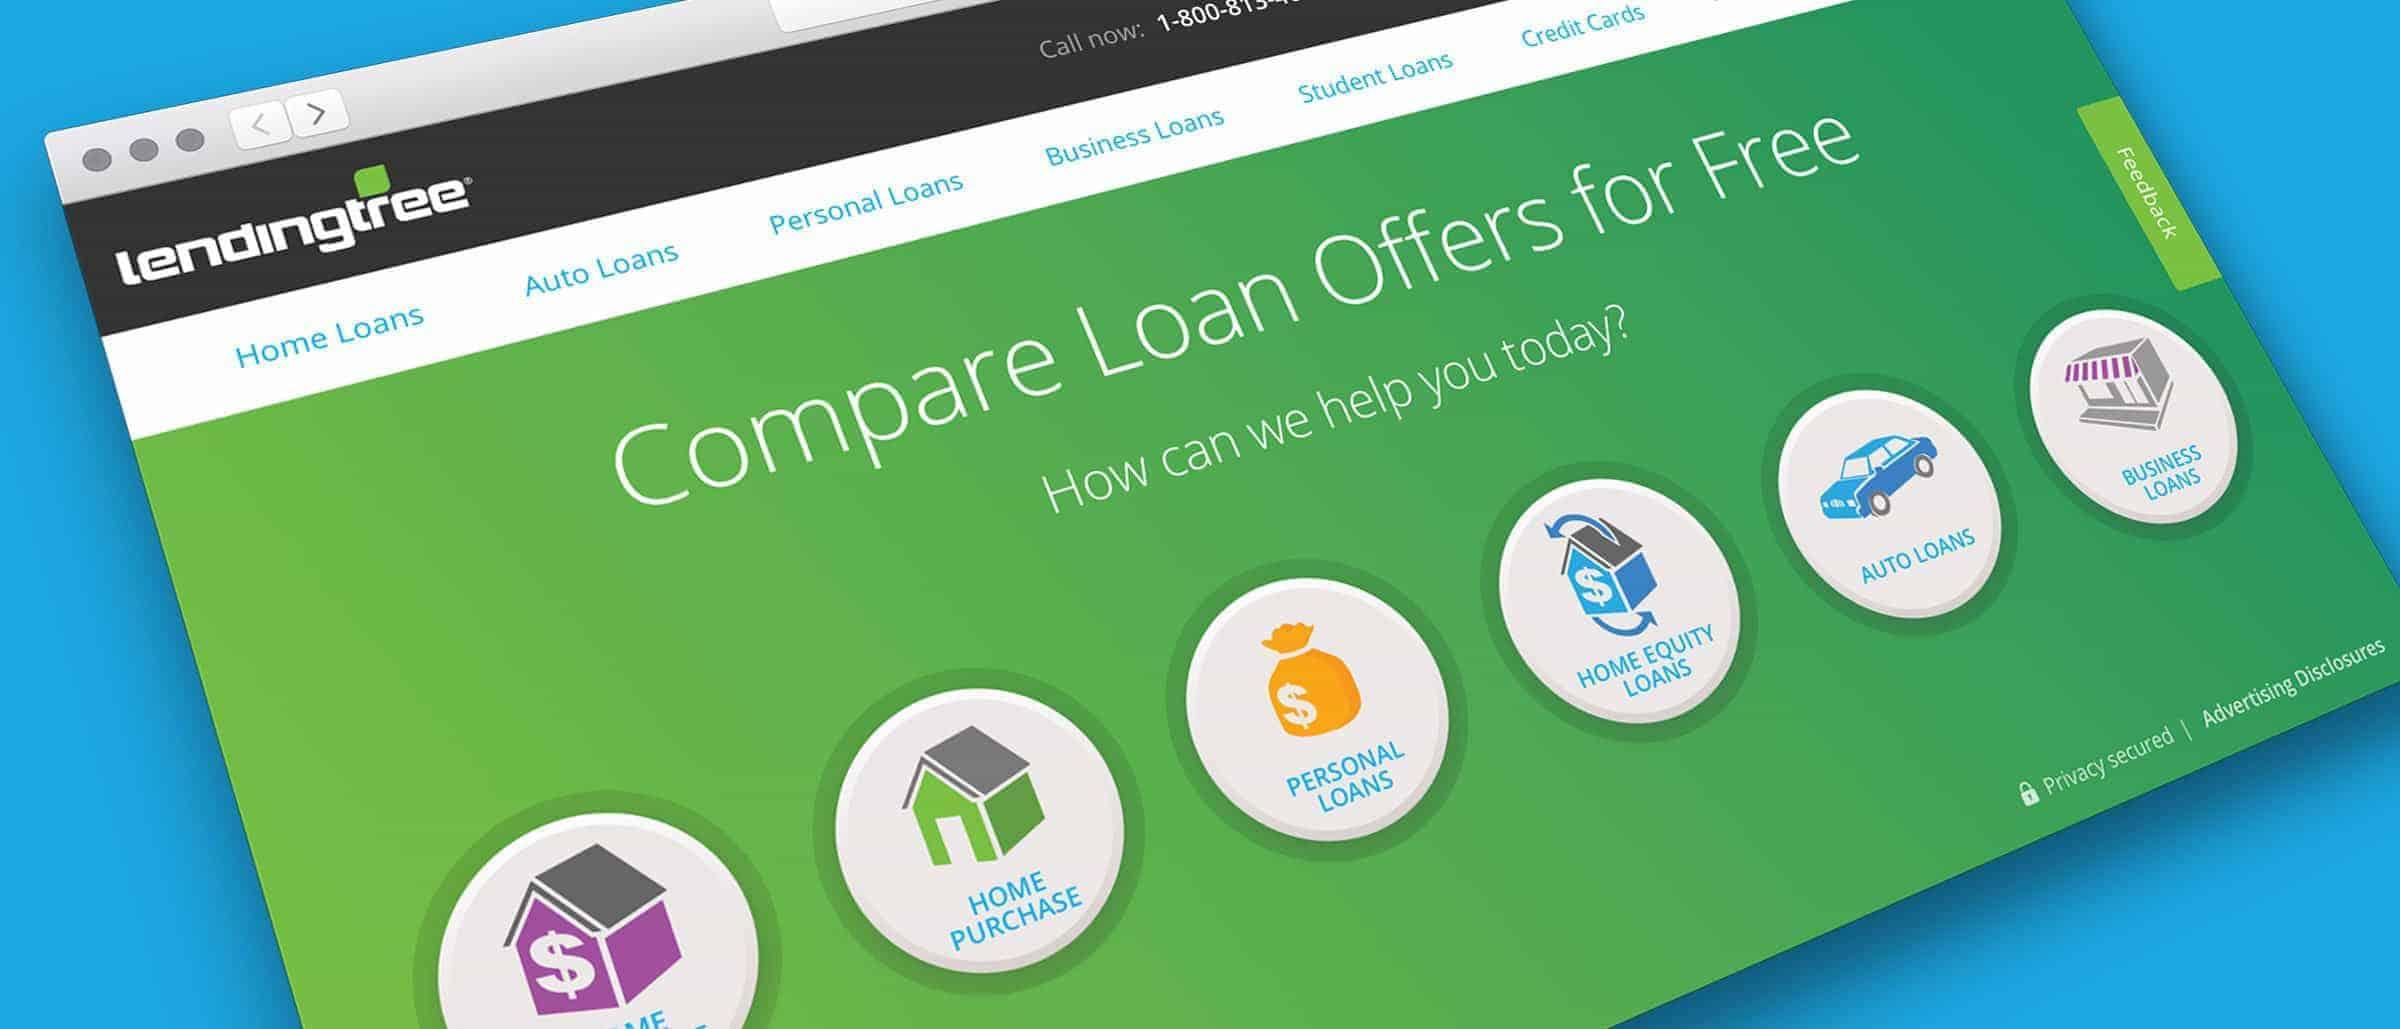 LendingTree.com leads US Personal Loan market in Digital CX.